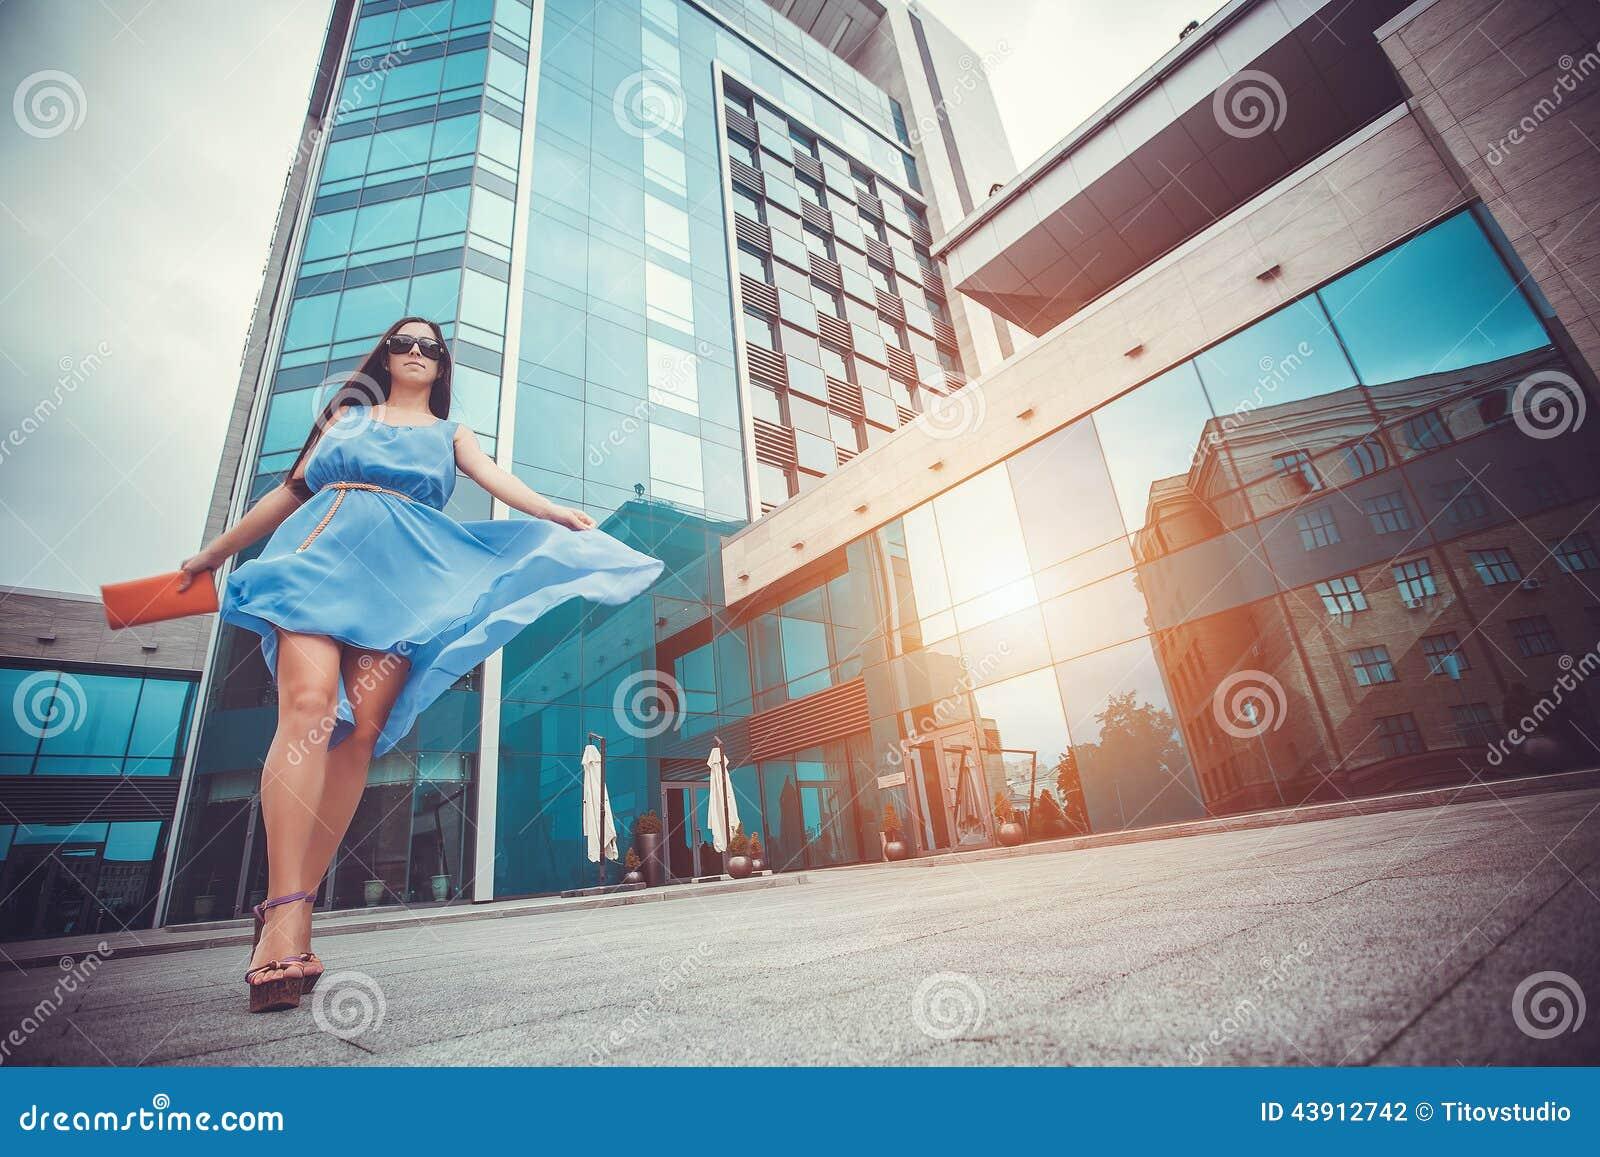 Seksowna kobieta chodzi w nowożytnym mieście